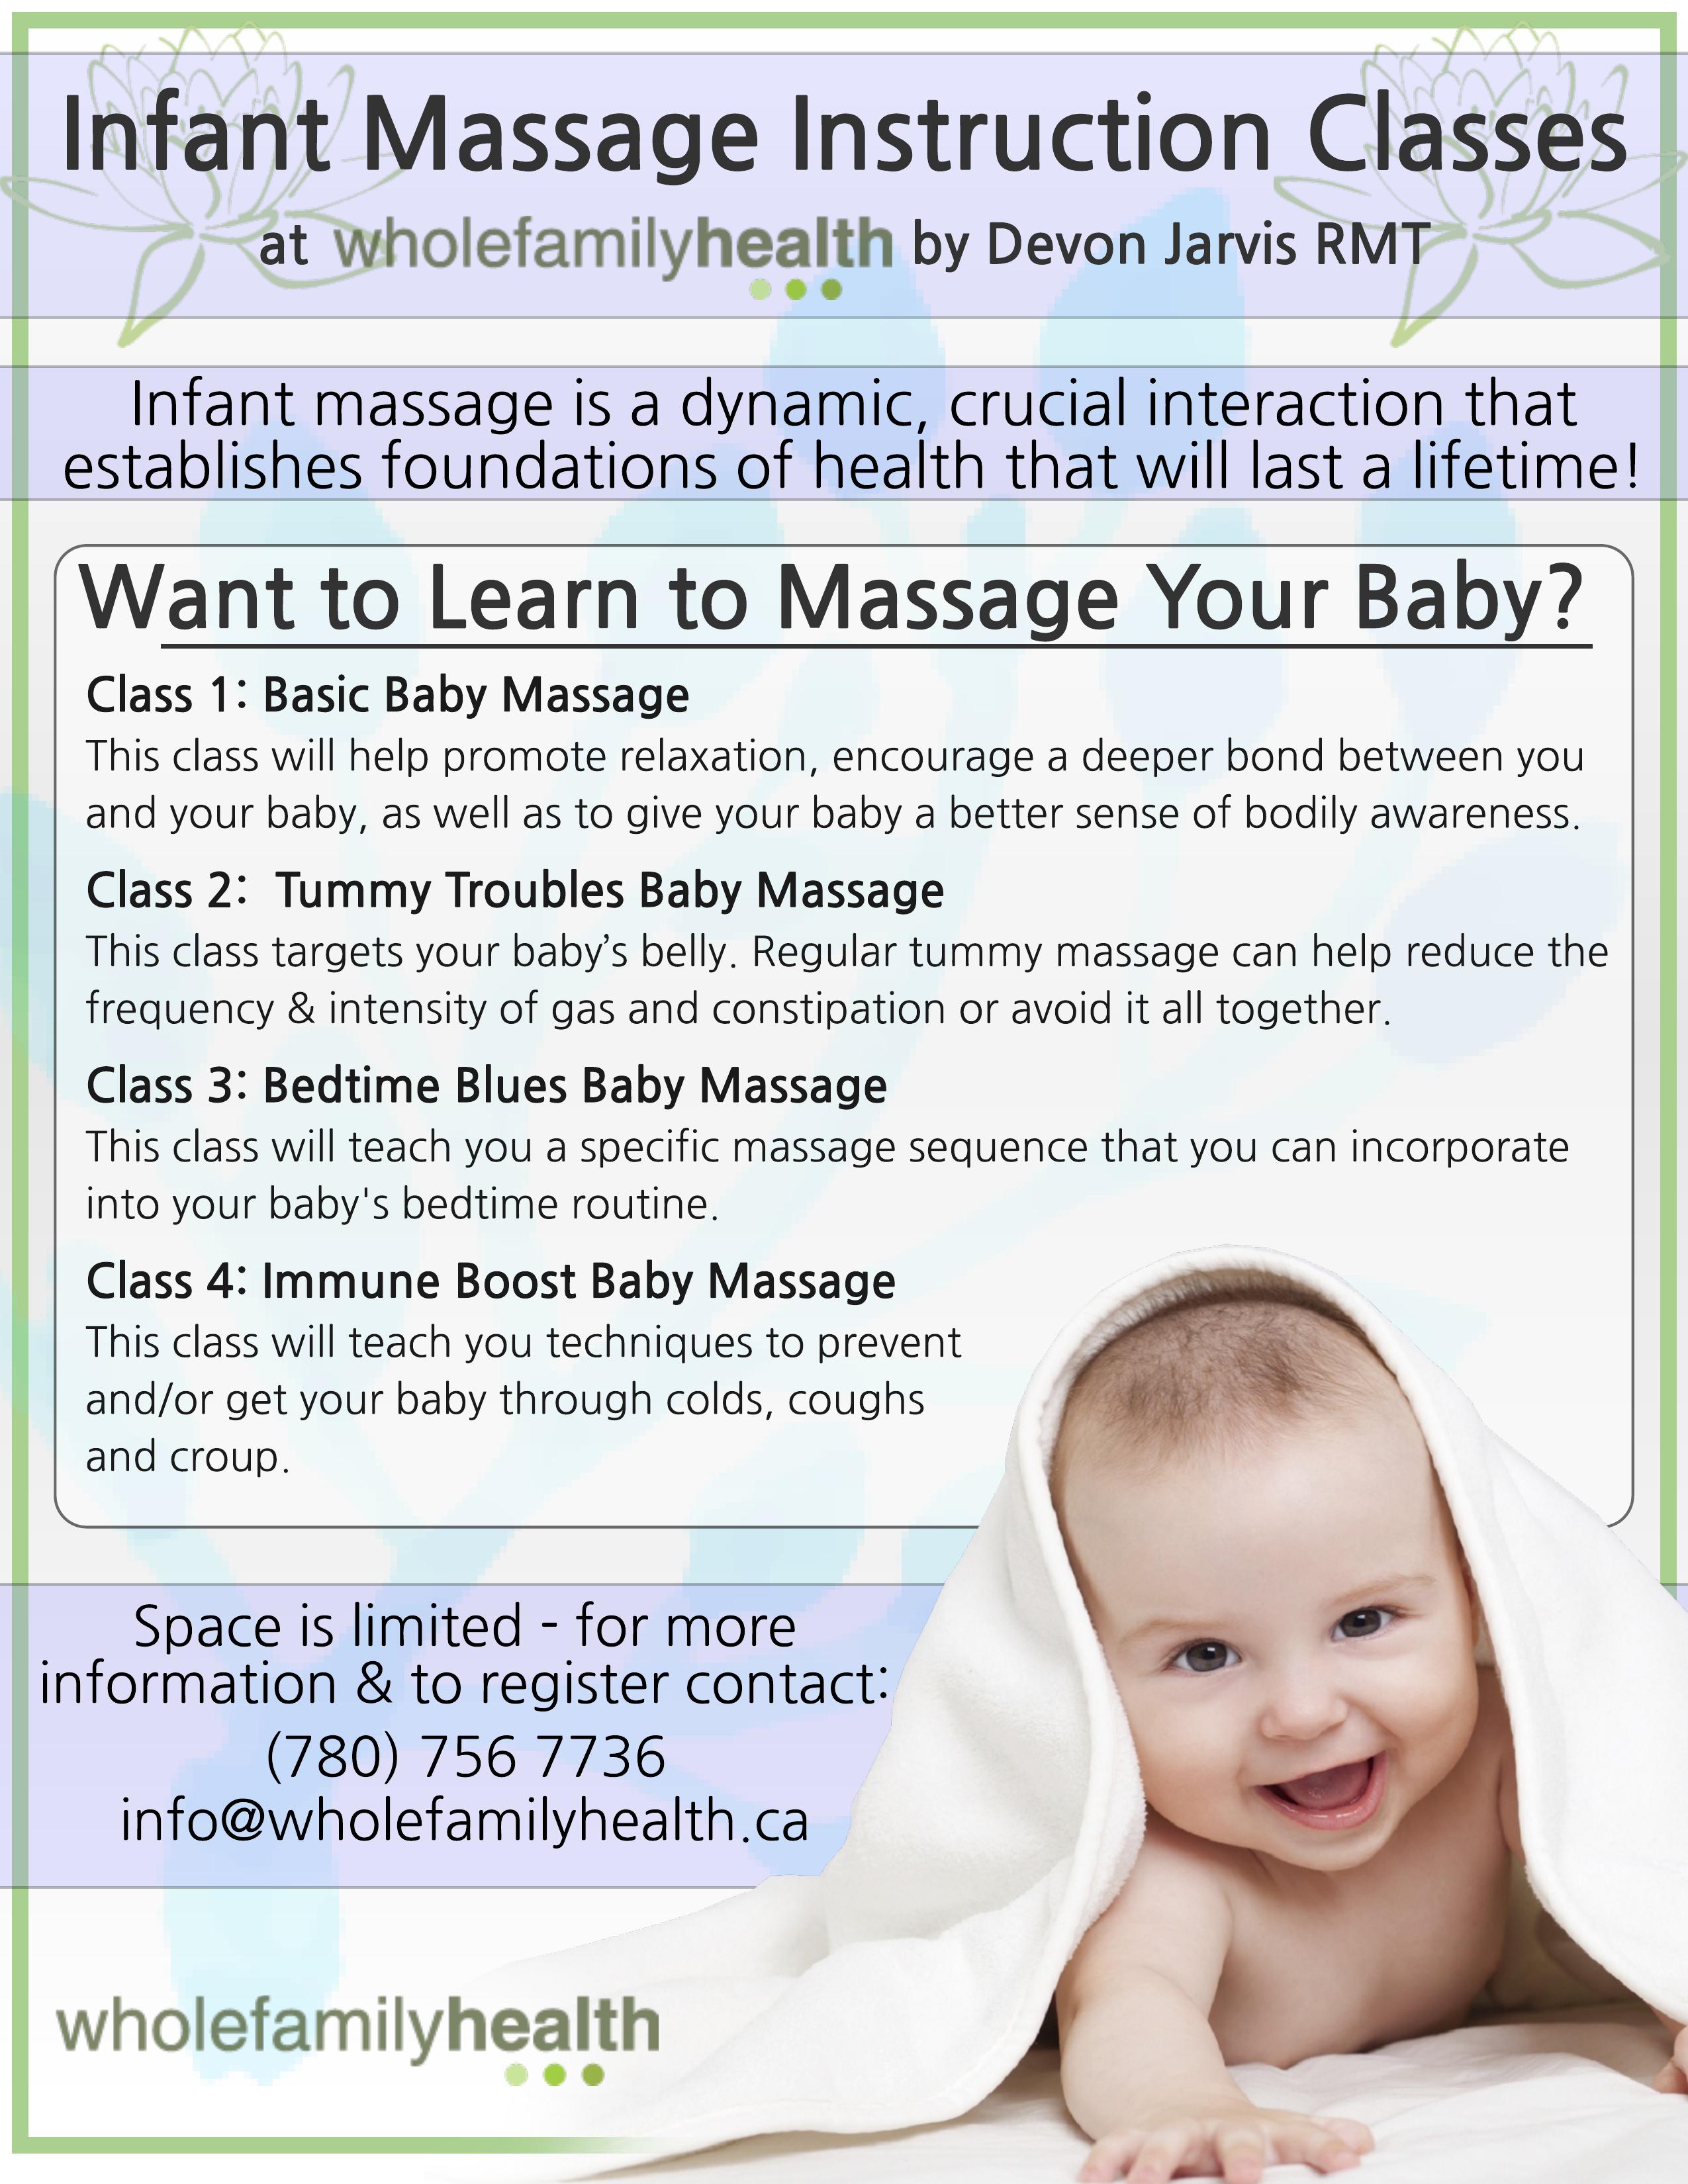 Infant Message Instruction Classes Image